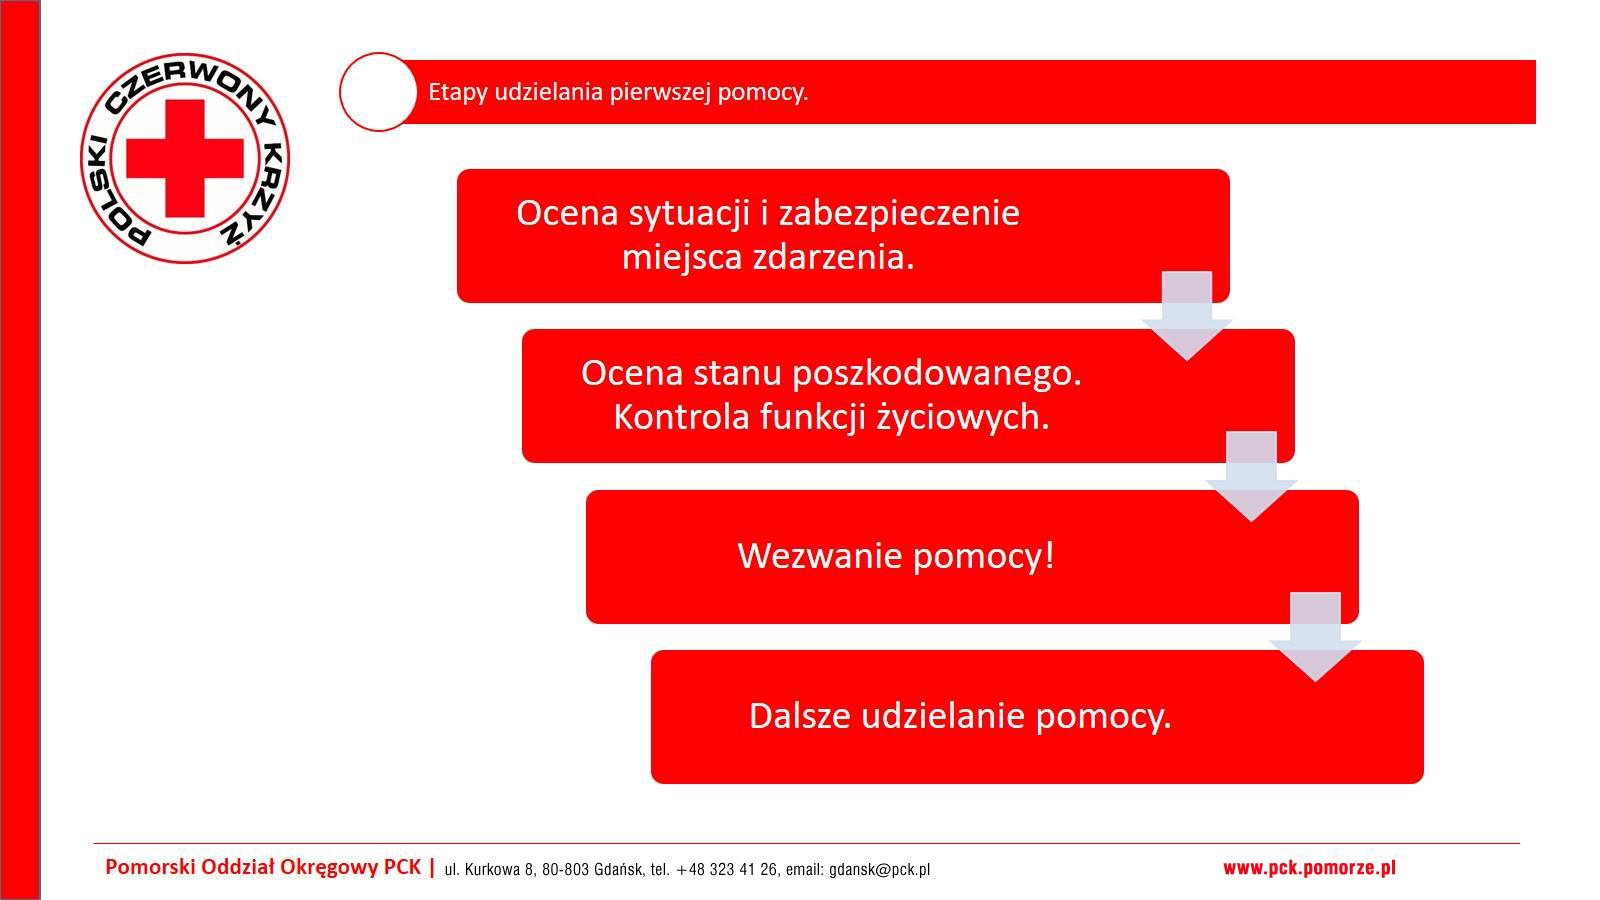 Polski Czerwony Krzyż, Pierwsza Pomoc Przedmedyczna, PCK szkolenia z pierwszej pomocy, pck-pomorze.pl